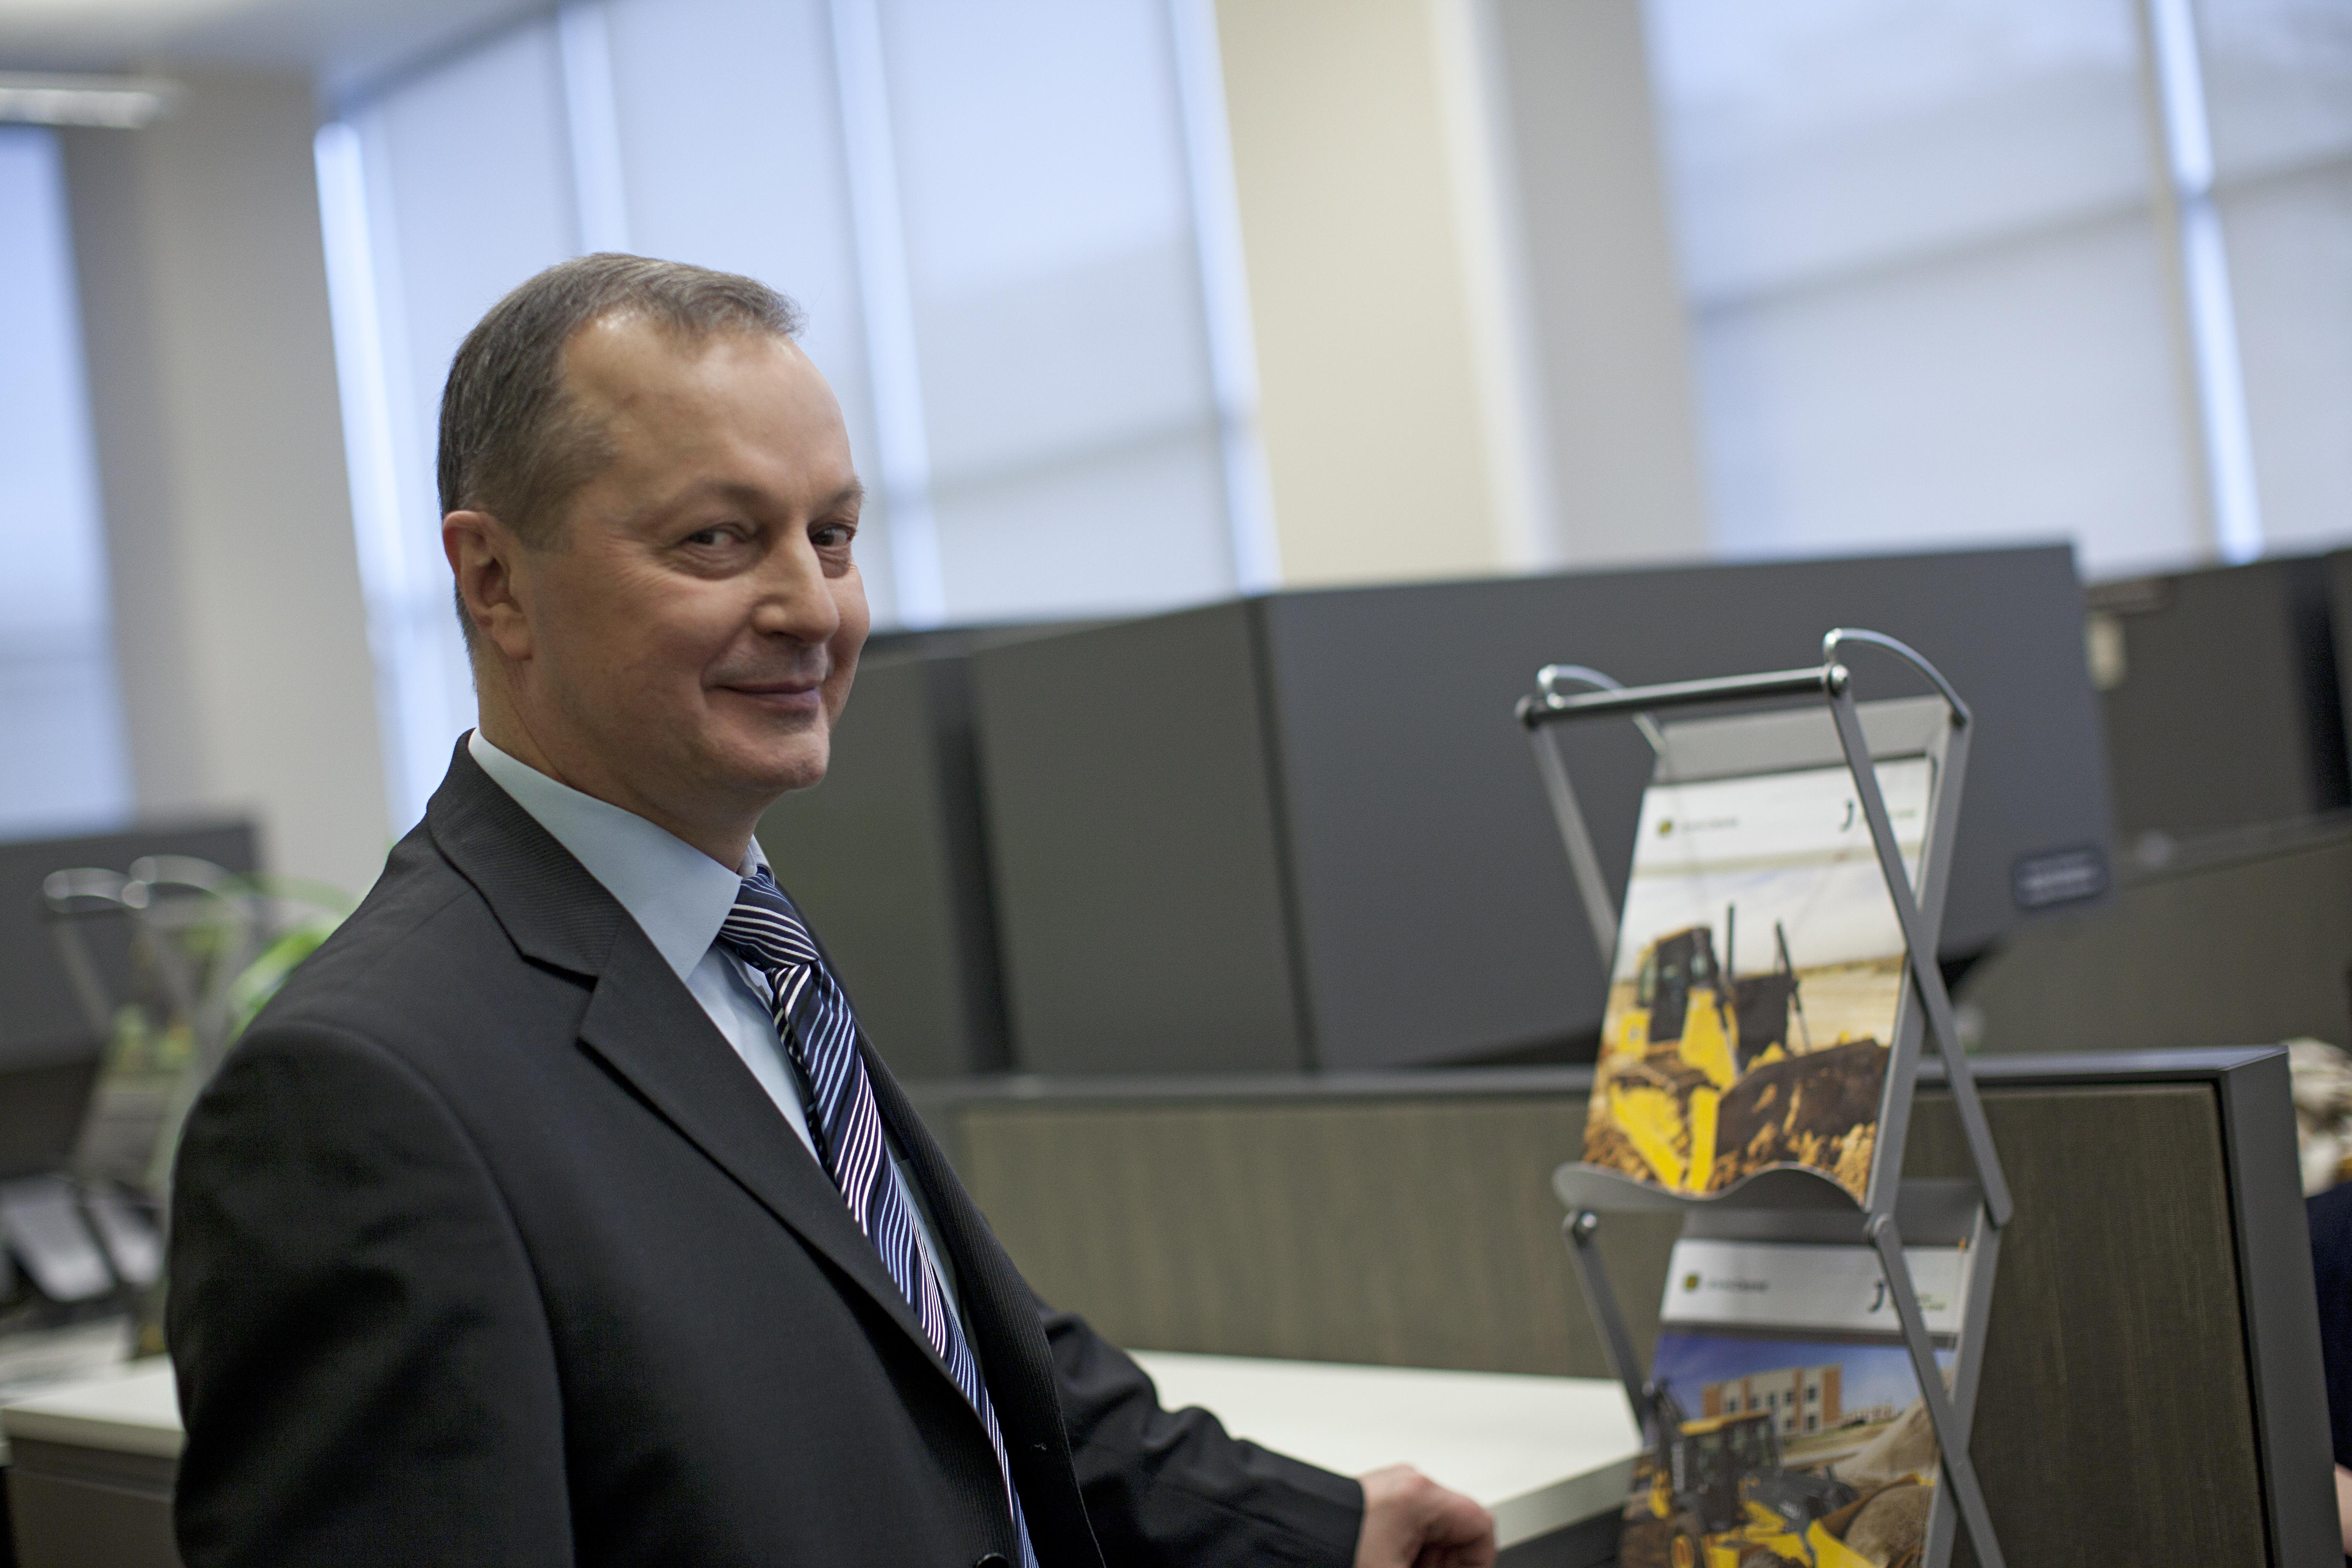 Алексей Шаронов, менеджер по поддержке продукции и клиентов John Deere в России и СНГ